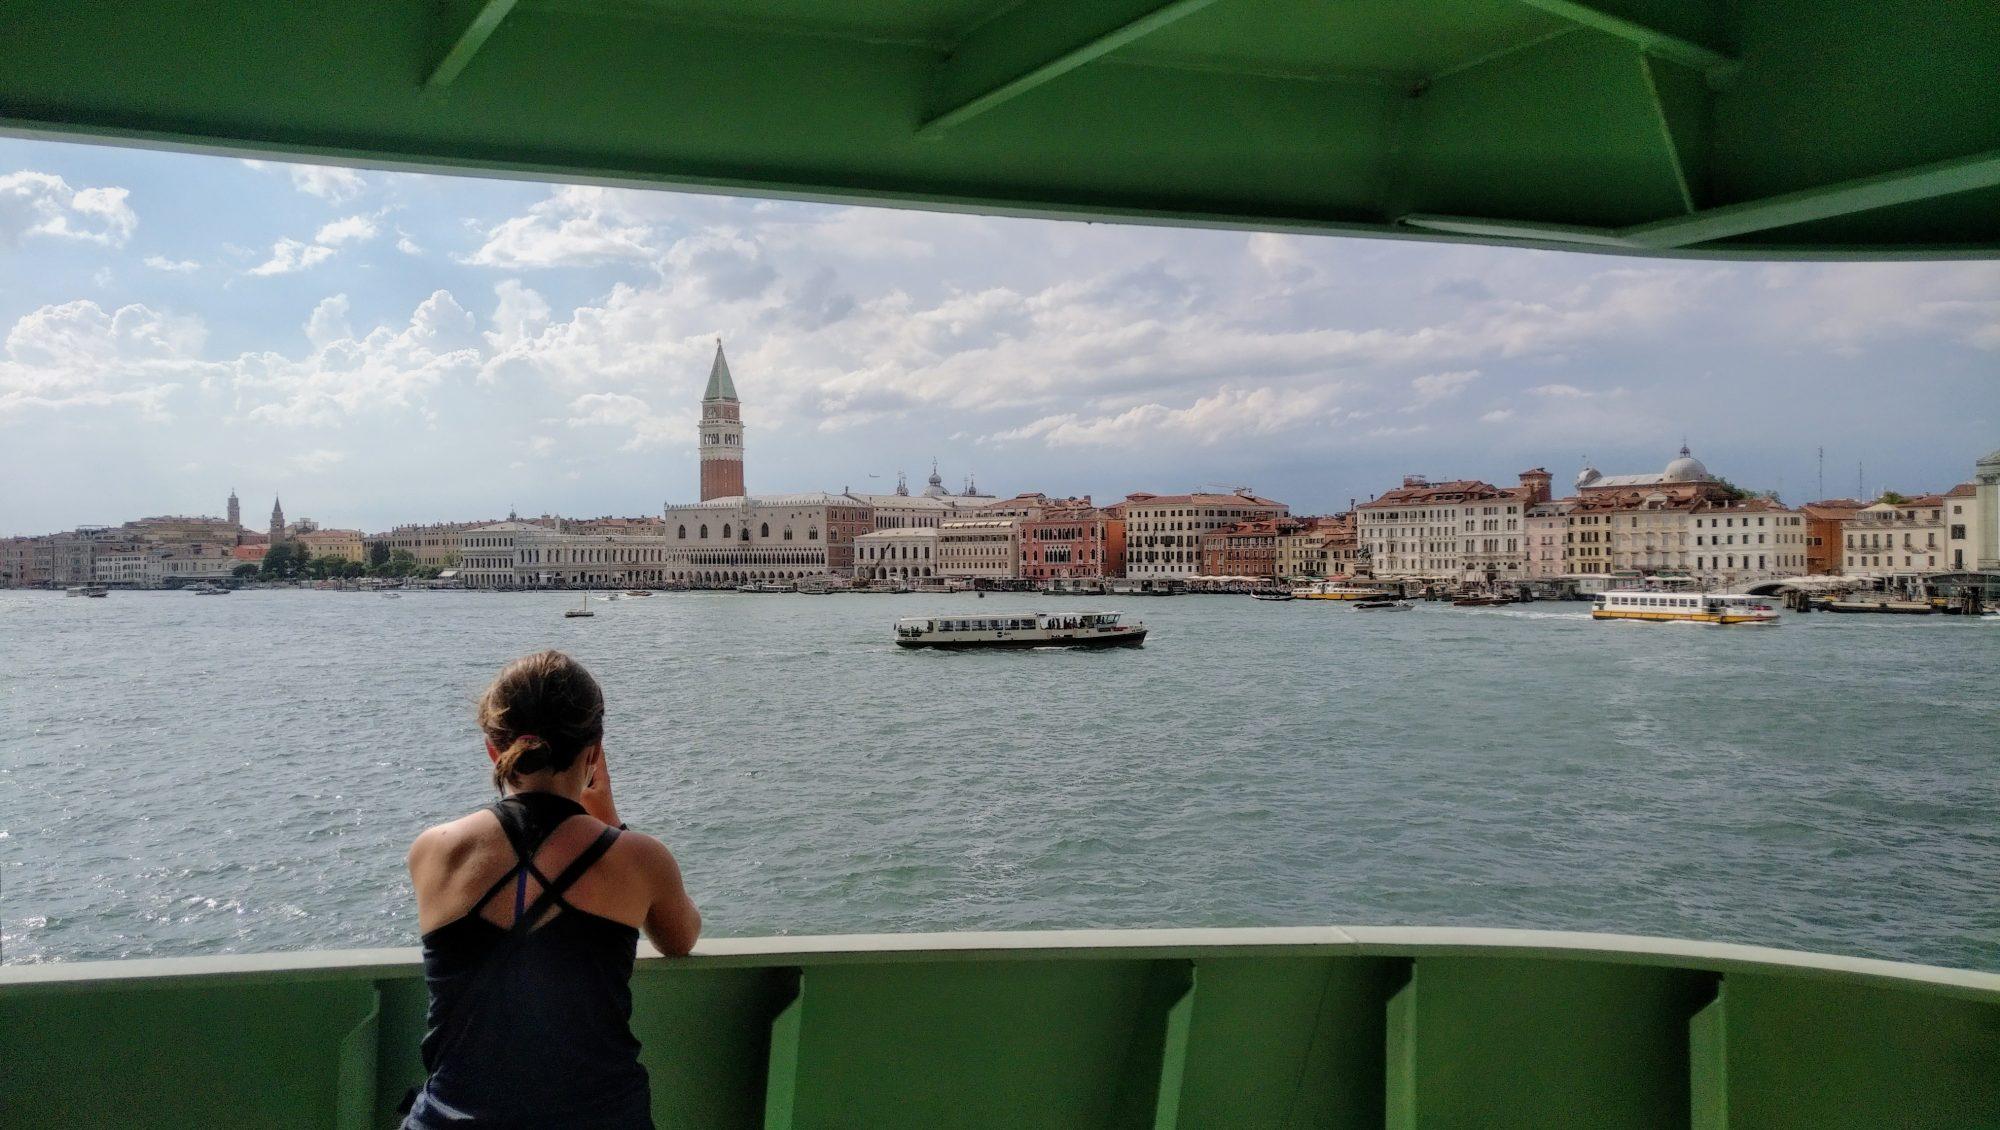 Jedeme do Itálie (Jsme v Benátkách! Jak dál?!)